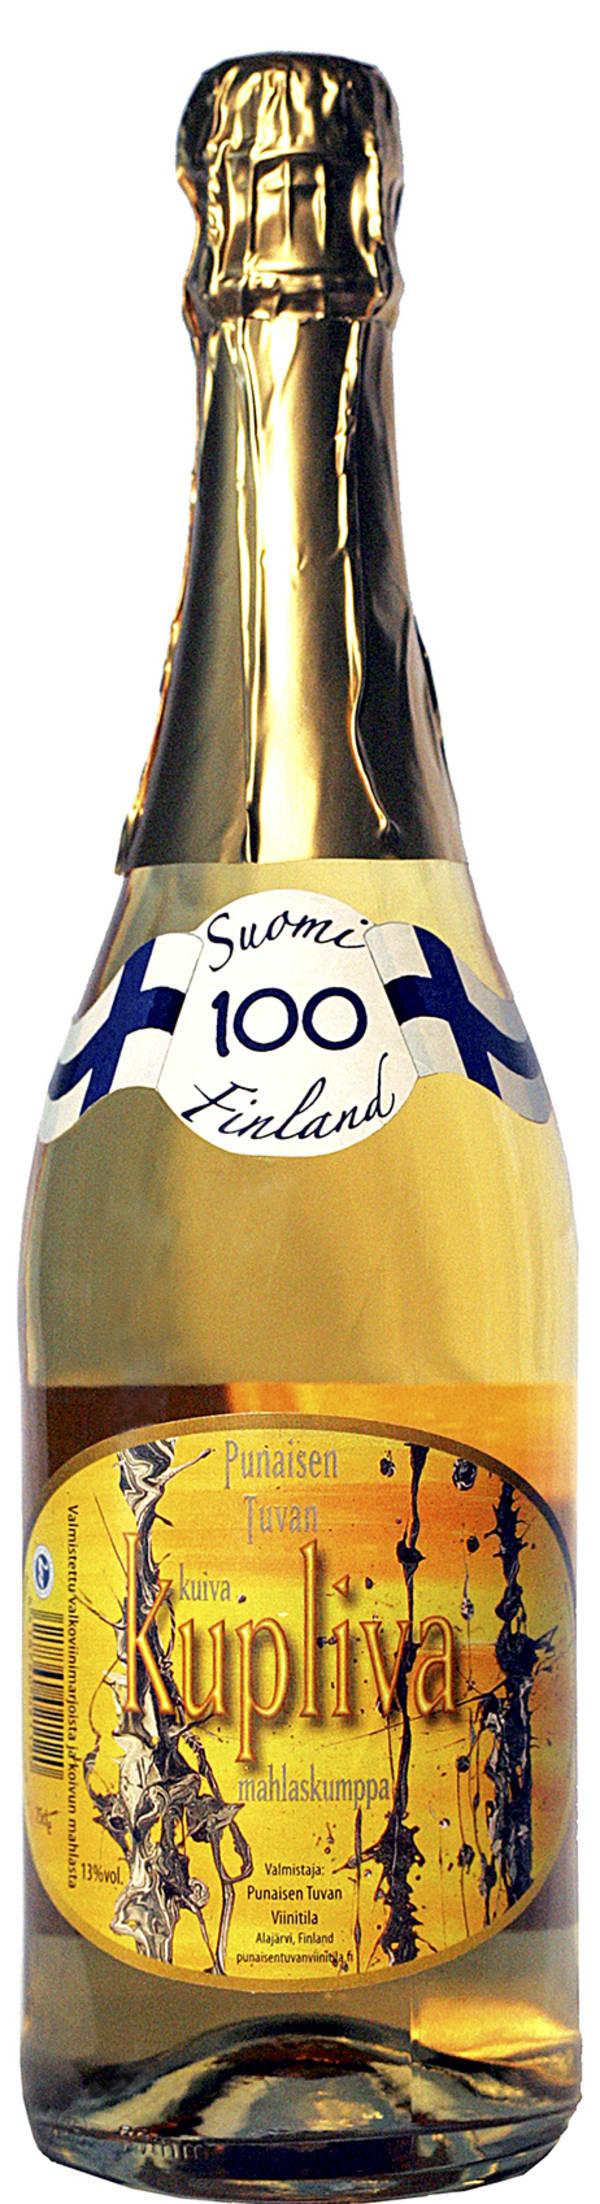 Punaisen Tuvan Kupliva Suomi 100 Mahlaskumppa